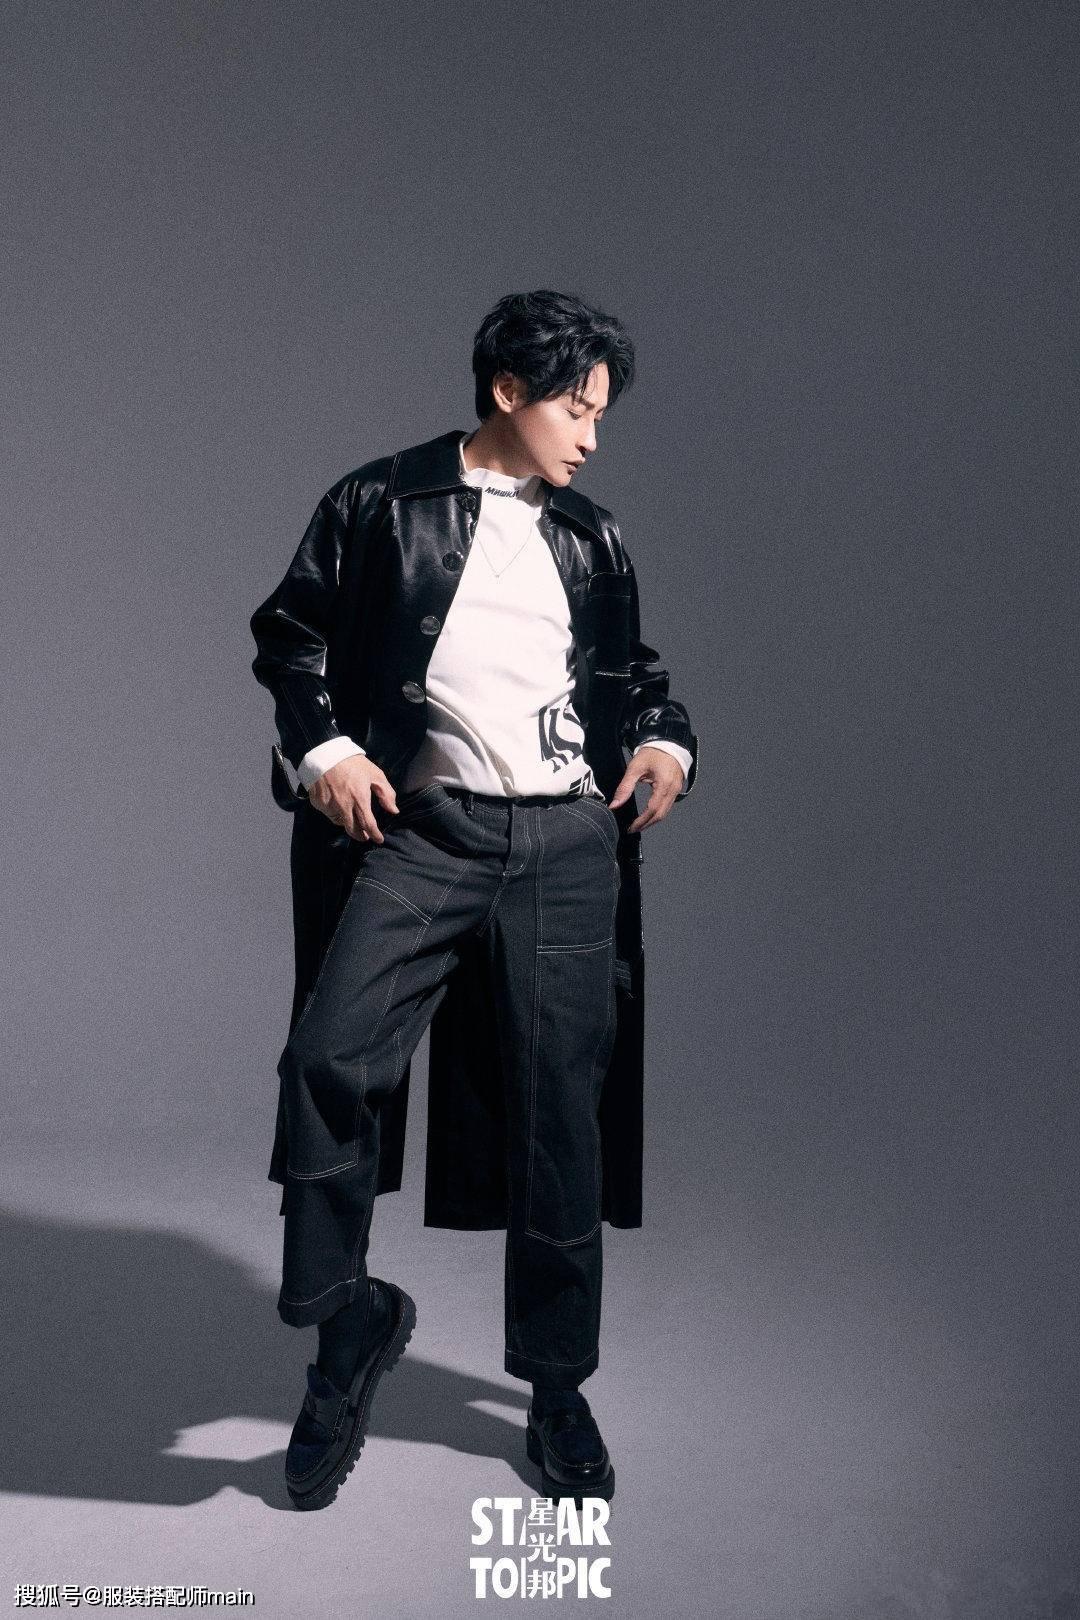 原创             穿衣大胆当属陈志朋!穿黑衣+破洞裤亮相,围巾跟口罩颜色太呼应